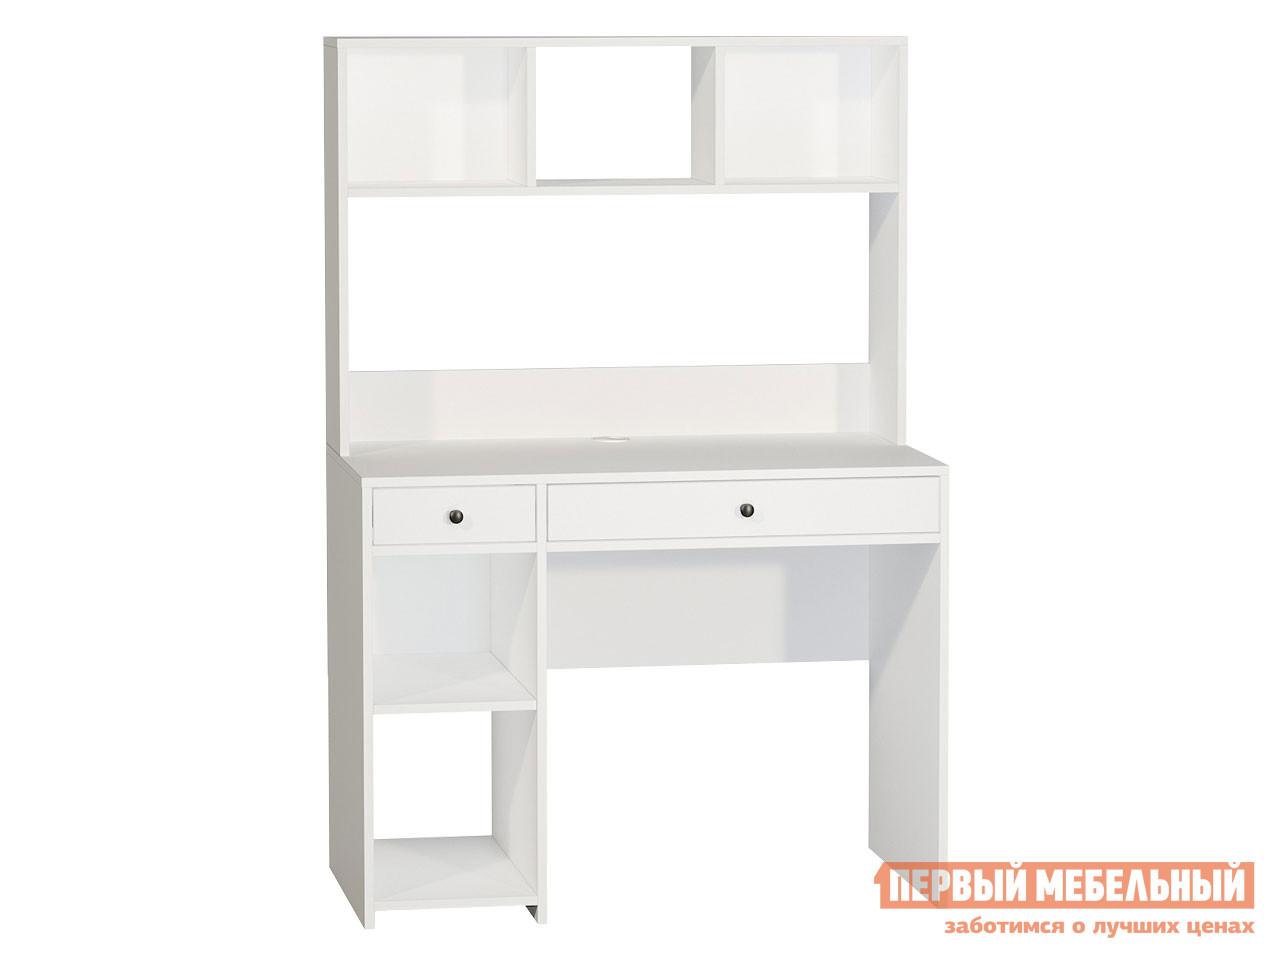 Фото - Компьютерный стол Первый Мебельный Комфорт 12.77 компьютерный стол первый мебельный комфорт 12 72